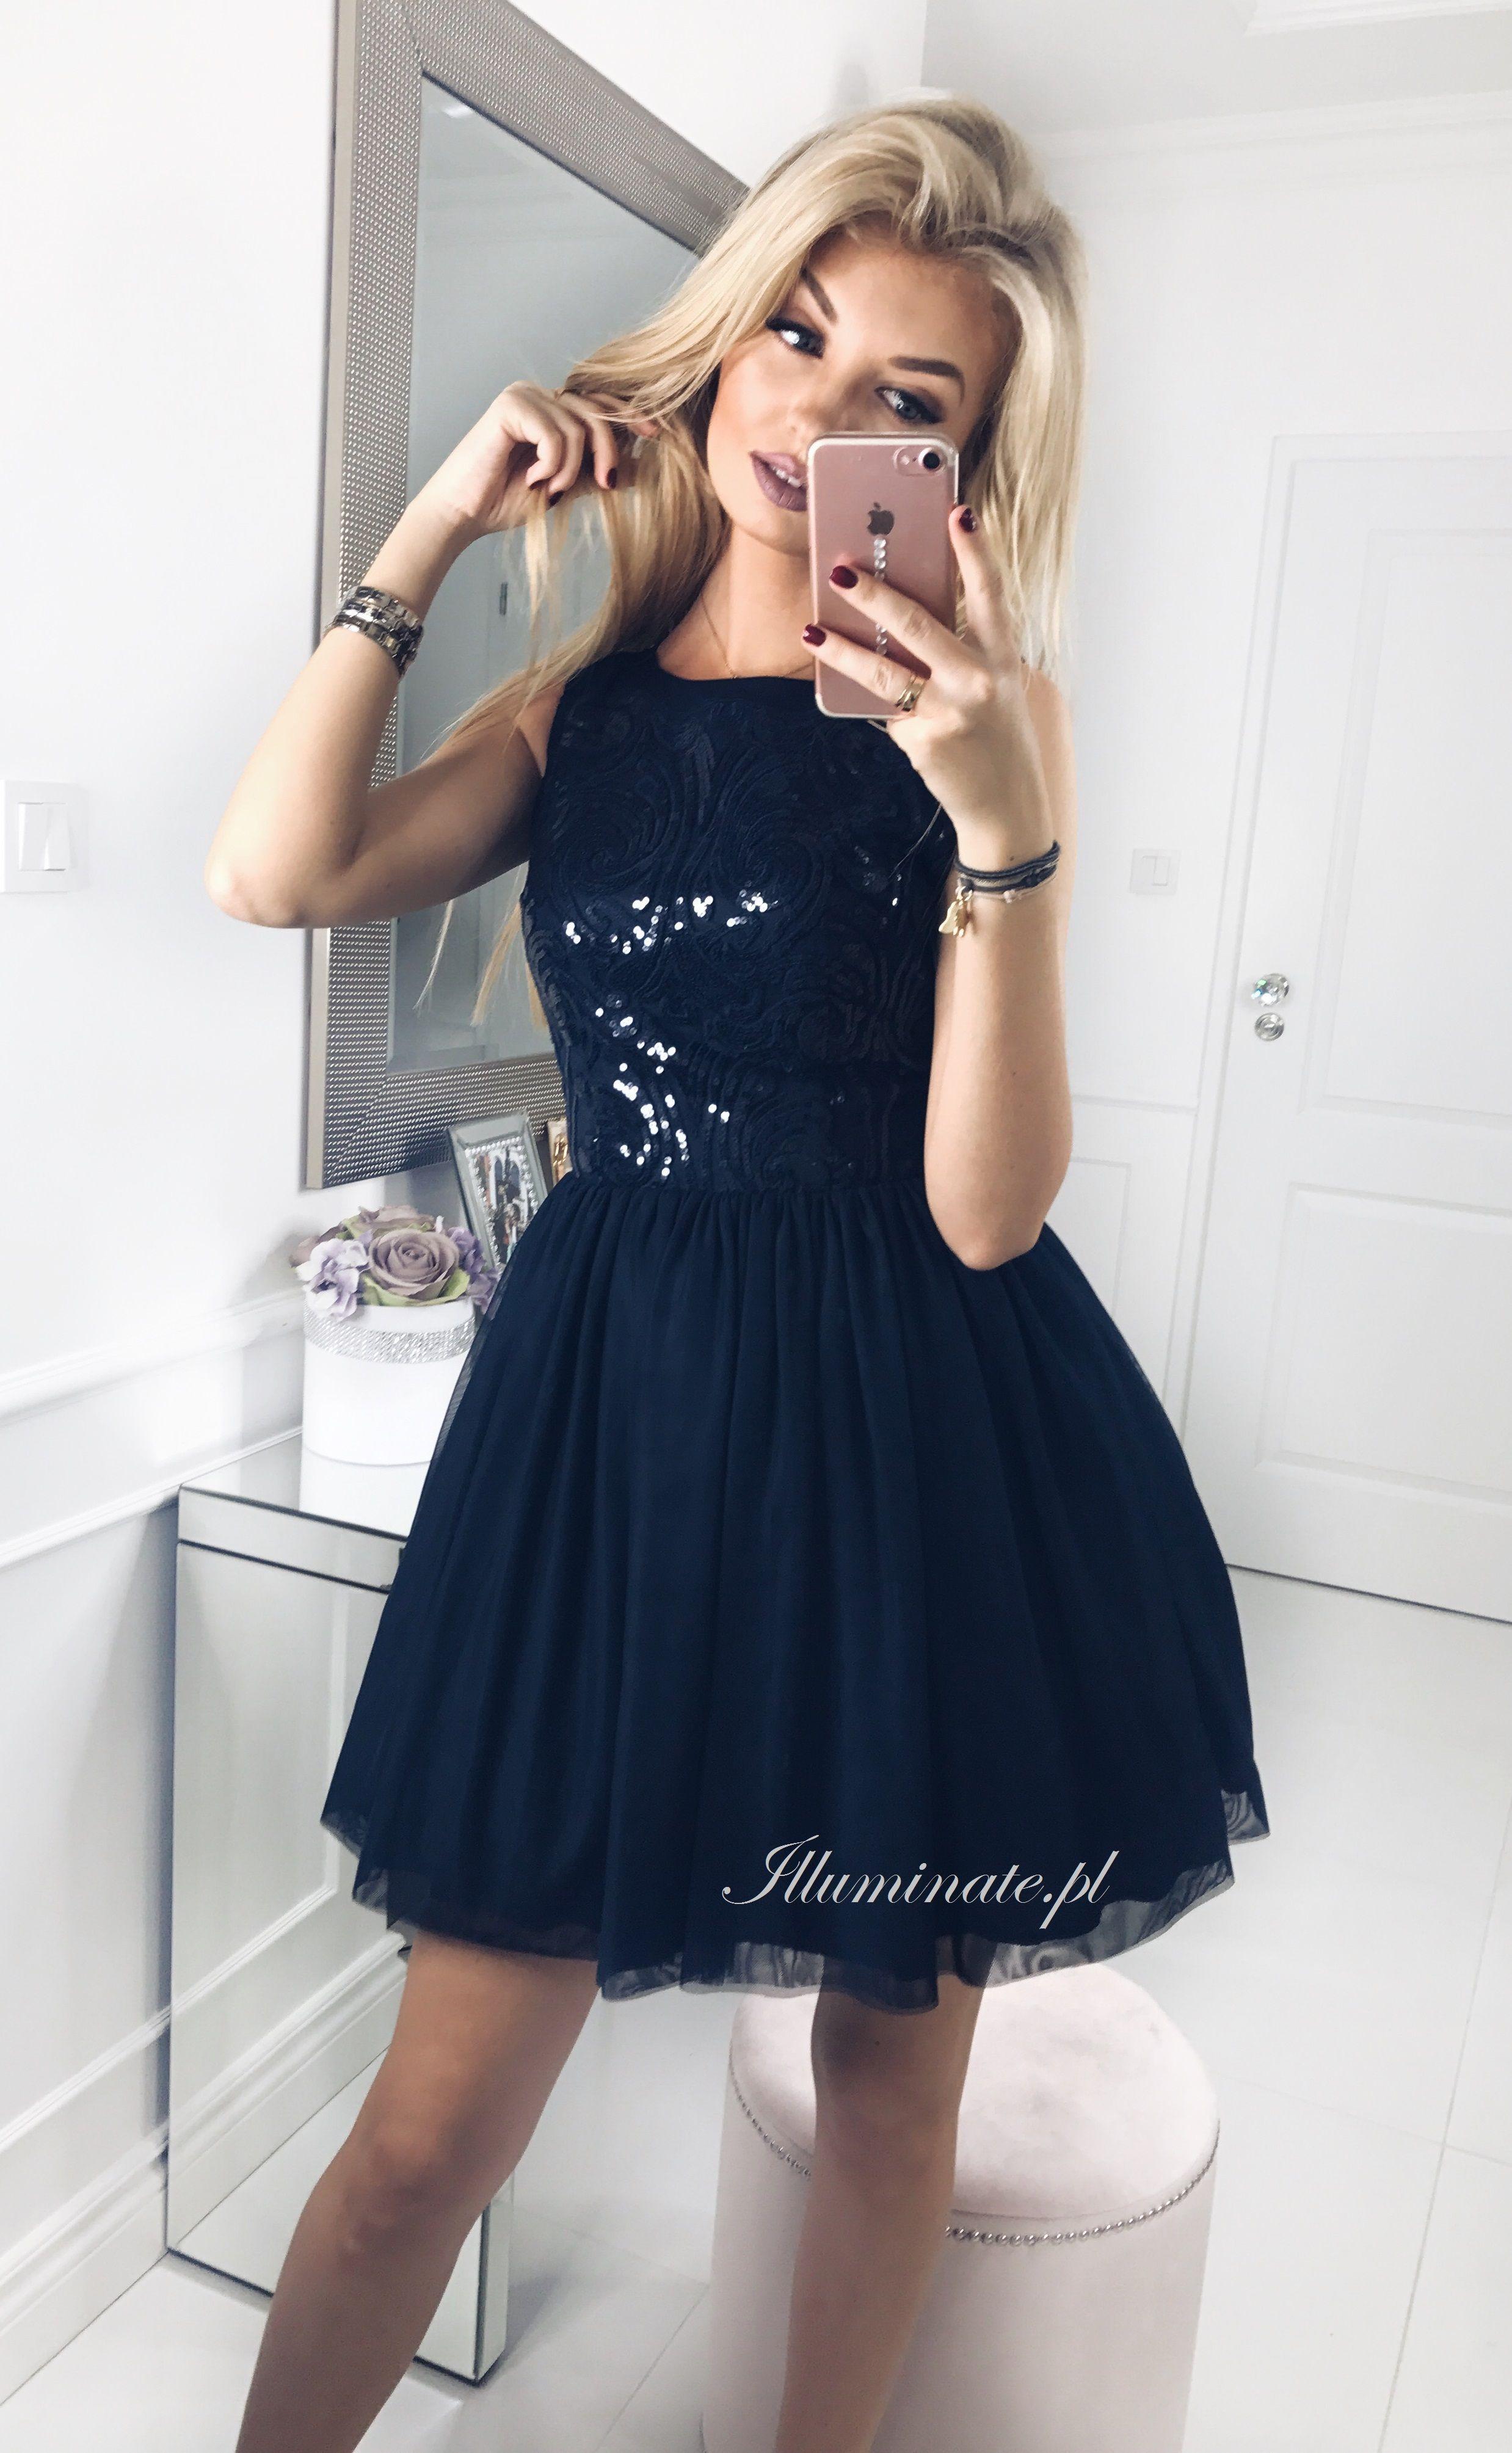 Tiulowa Granatowa Sukienka Tulle Dark Blue Dress Illuminate Pl Dresses Black Dress Little Black Dress